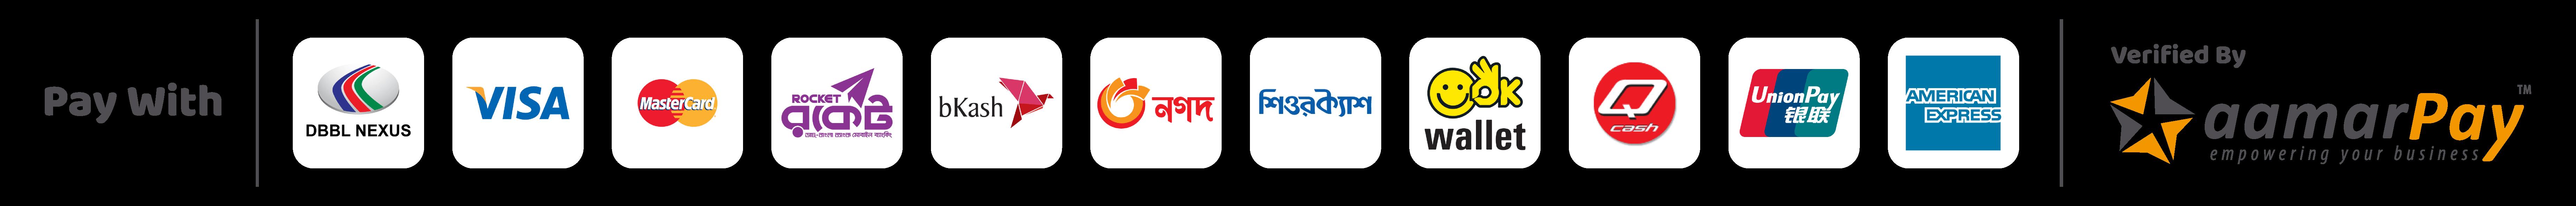 aamarPay logo